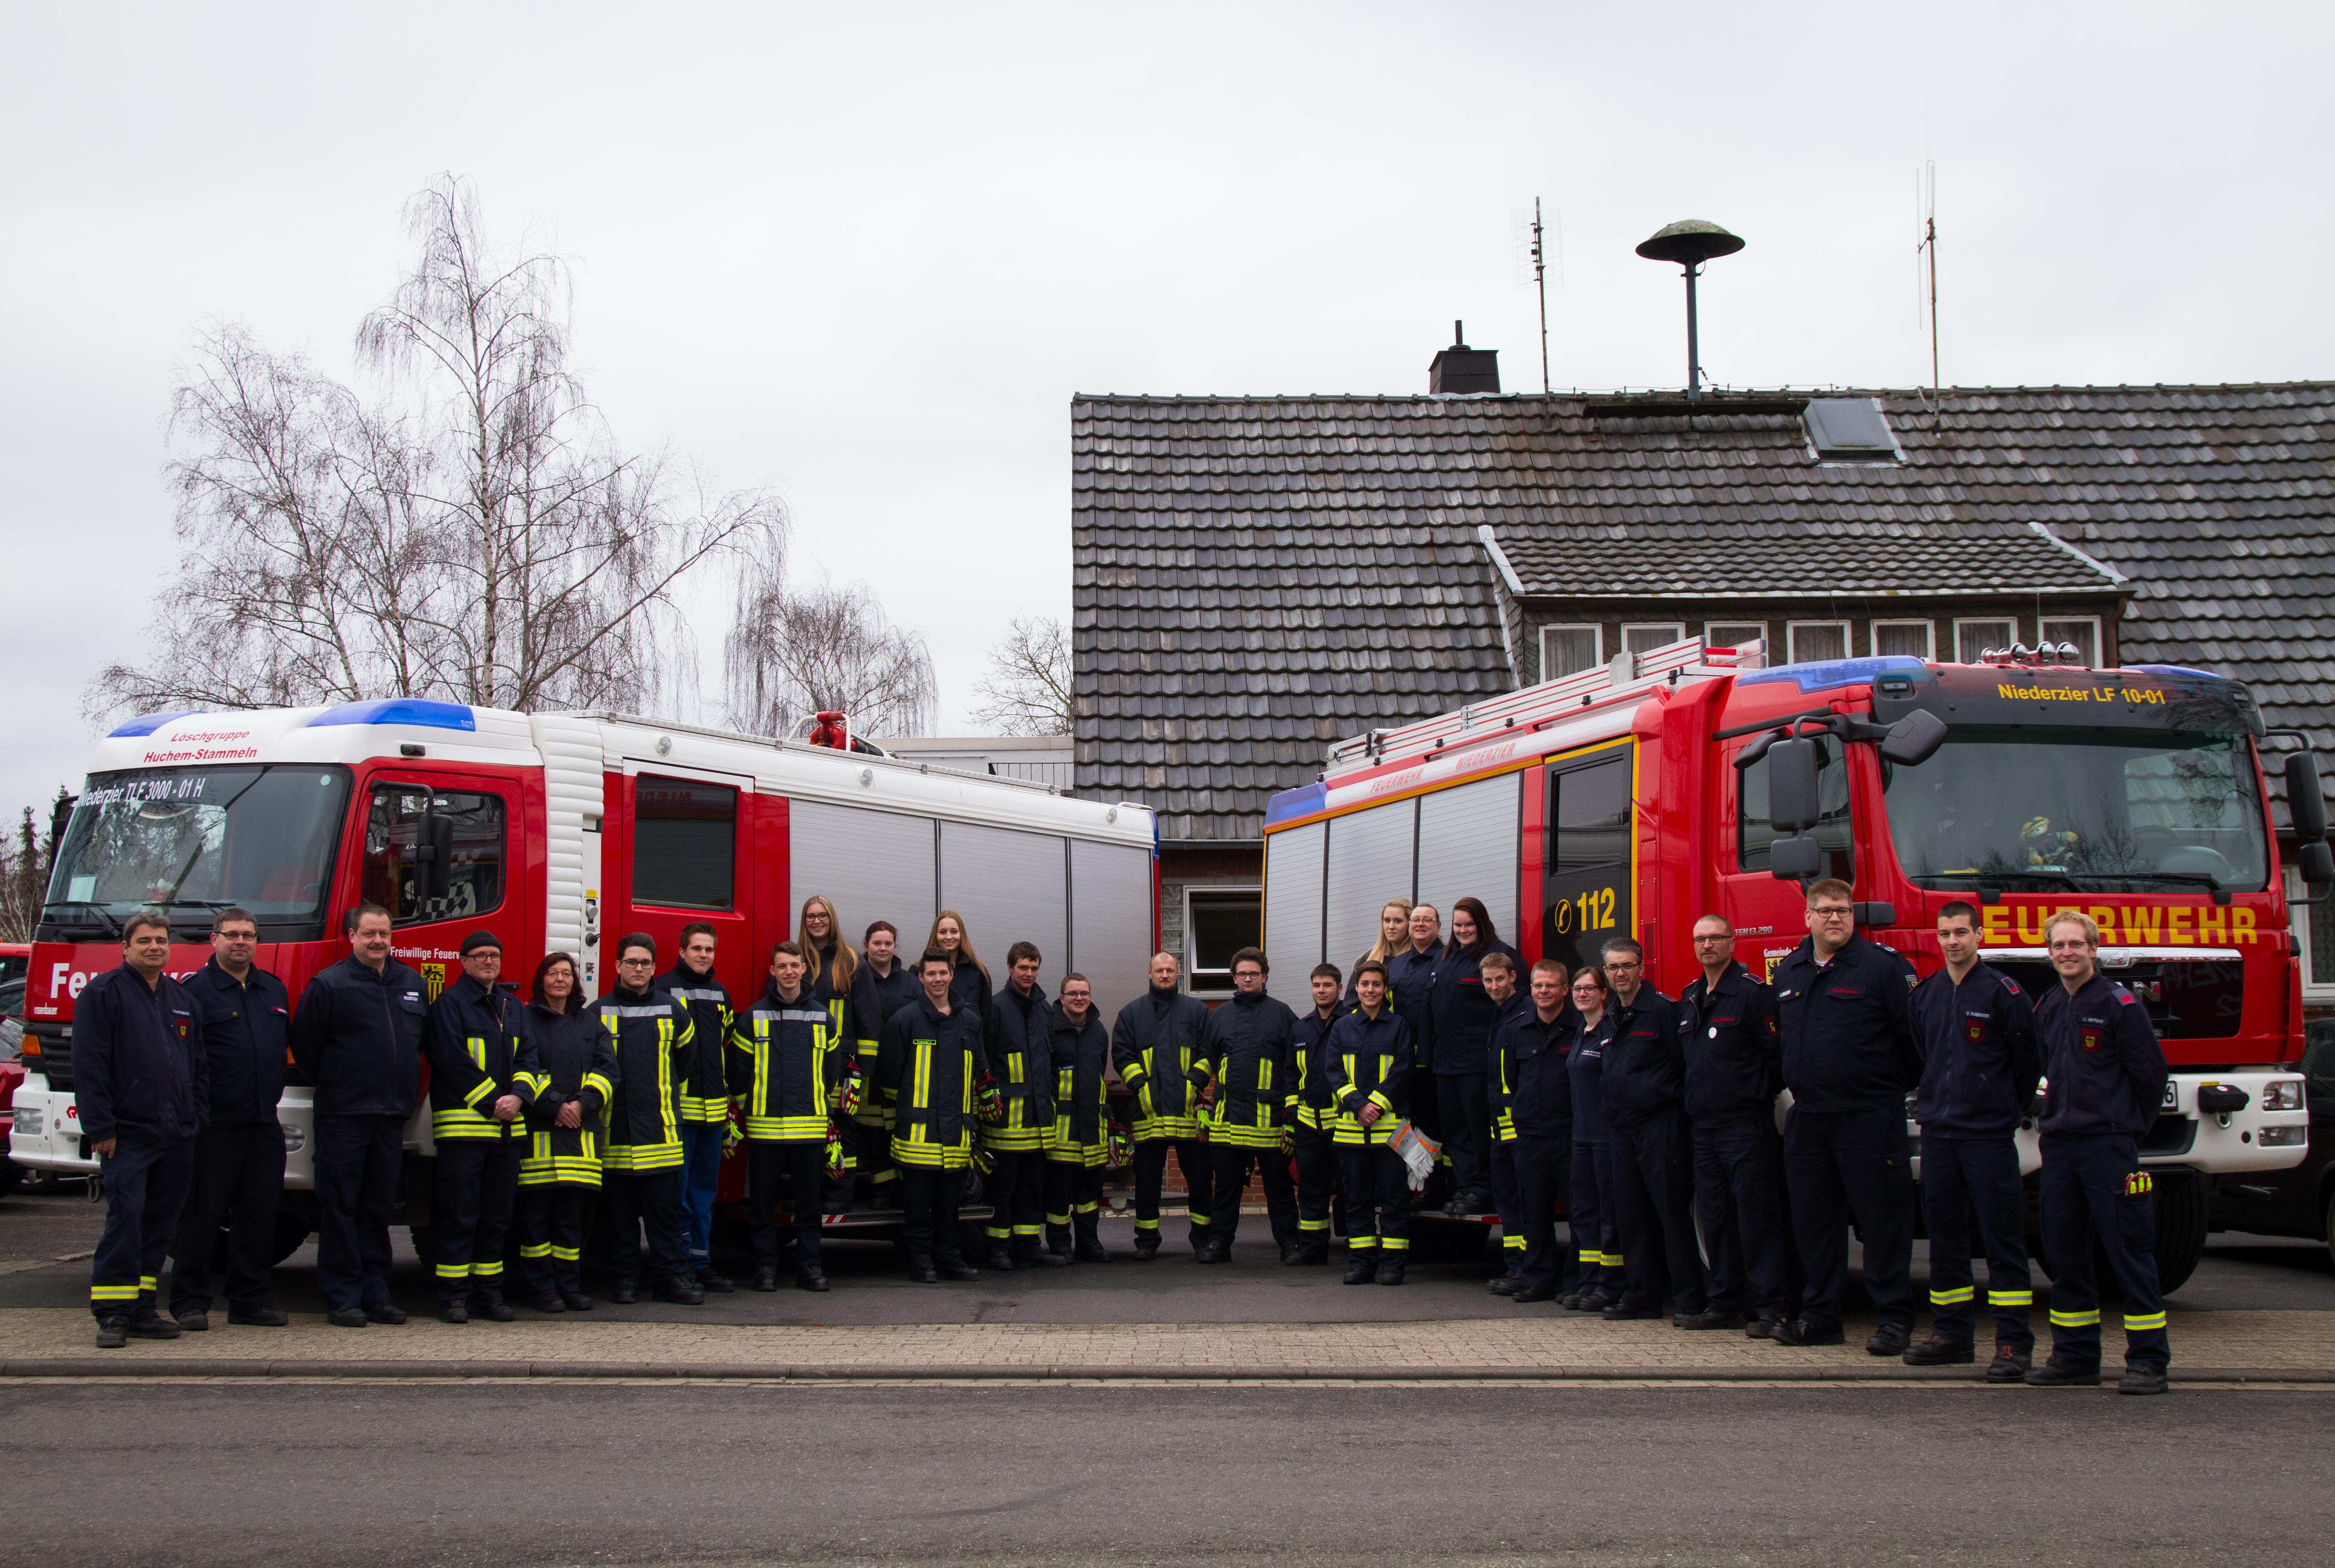 Feuerwehr ABC – F wie Freiwillige Feuerwehr